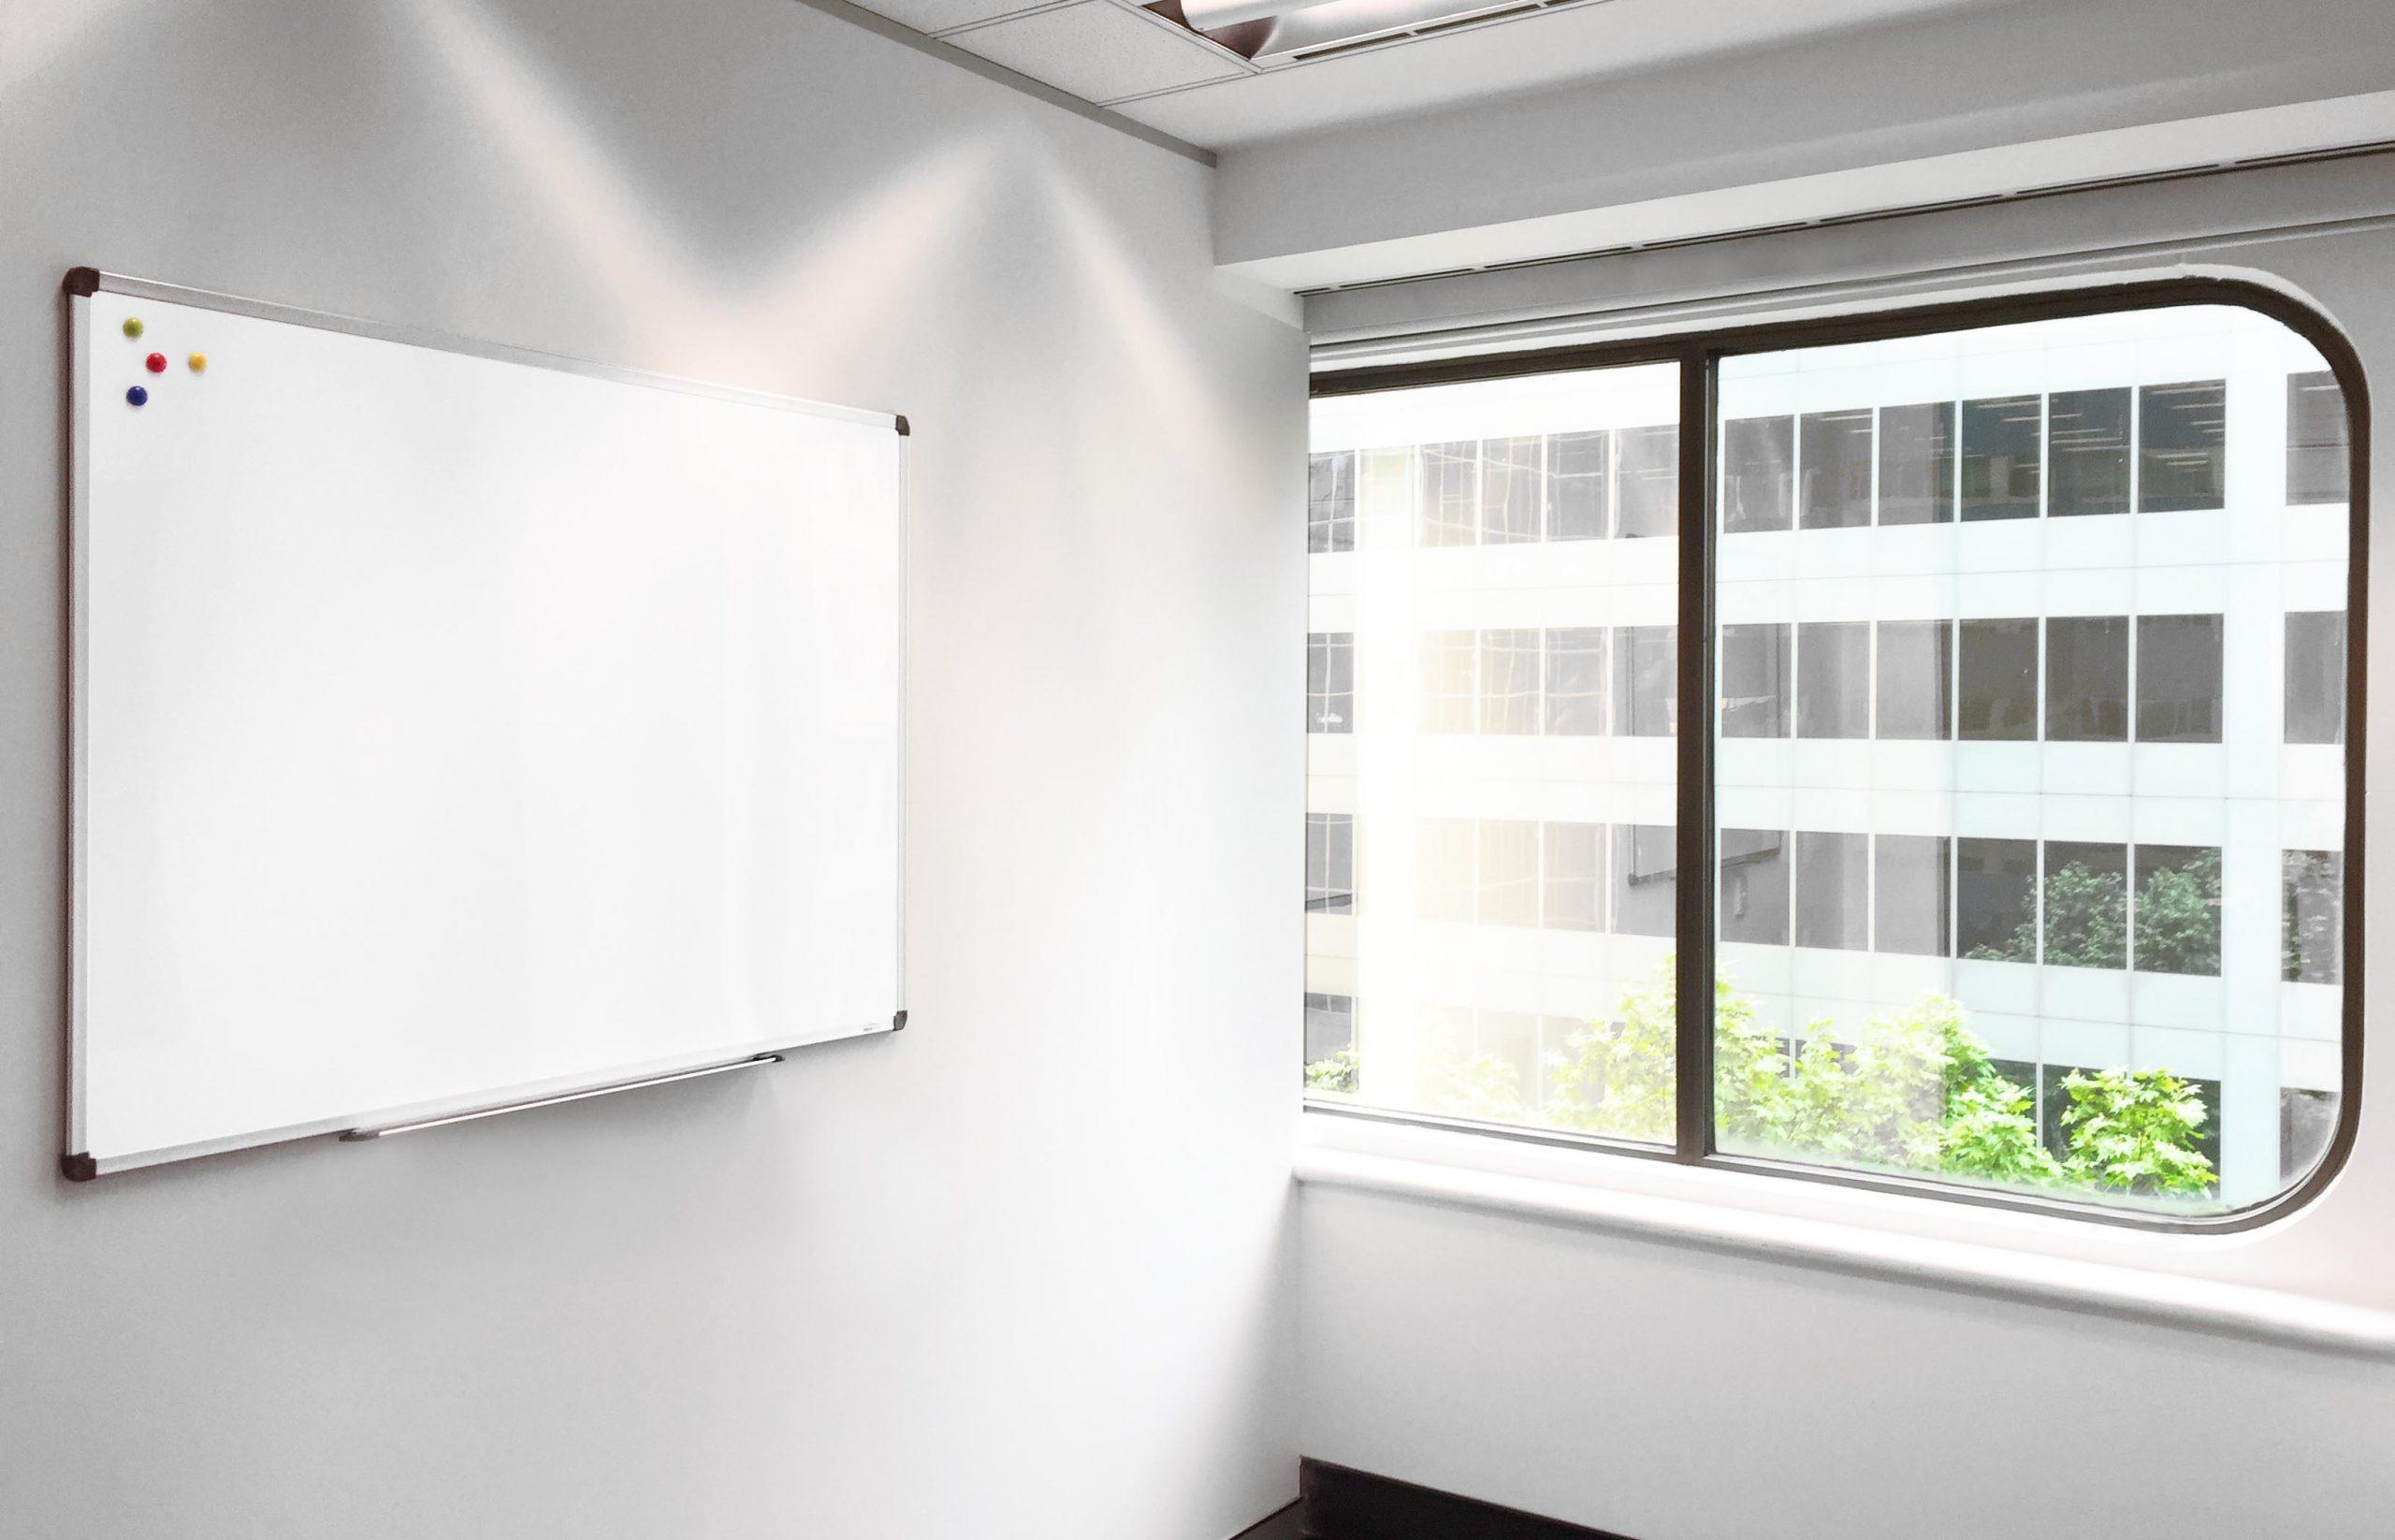 Porcelain Standard Frame Whiteboard + Bonus Starter Kit